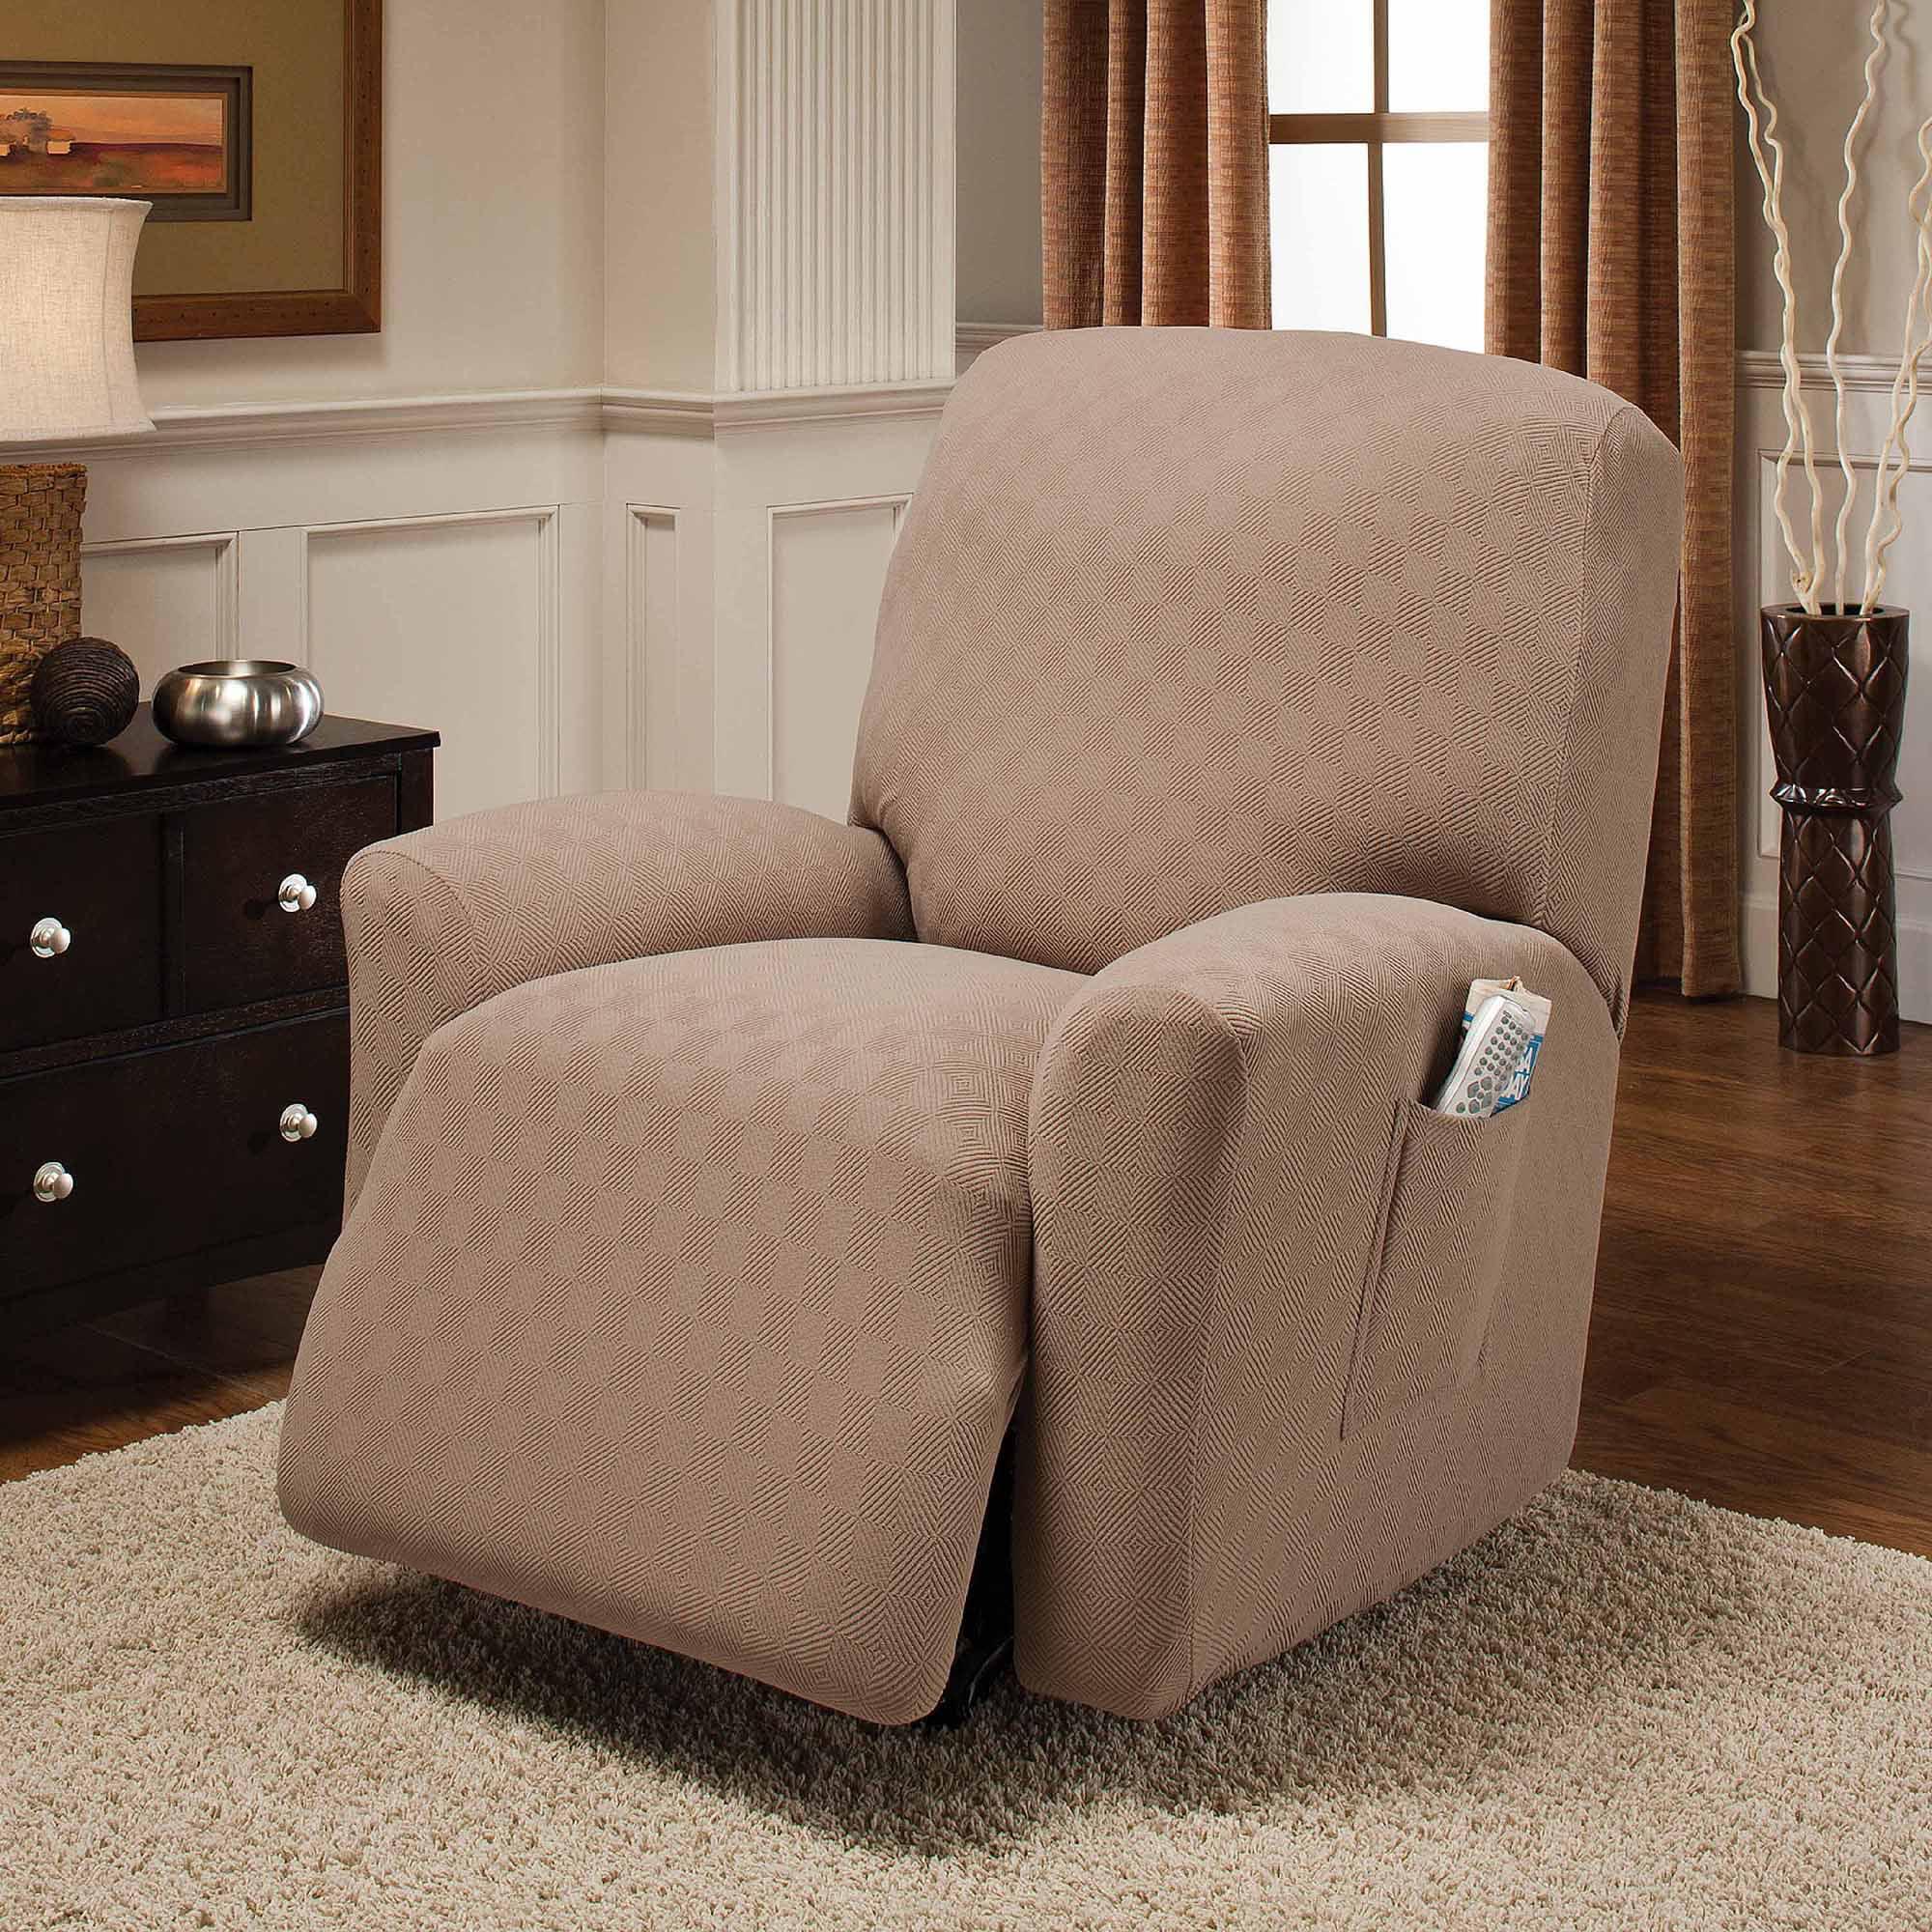 jersey stretch large recliner slipcover. Black Bedroom Furniture Sets. Home Design Ideas